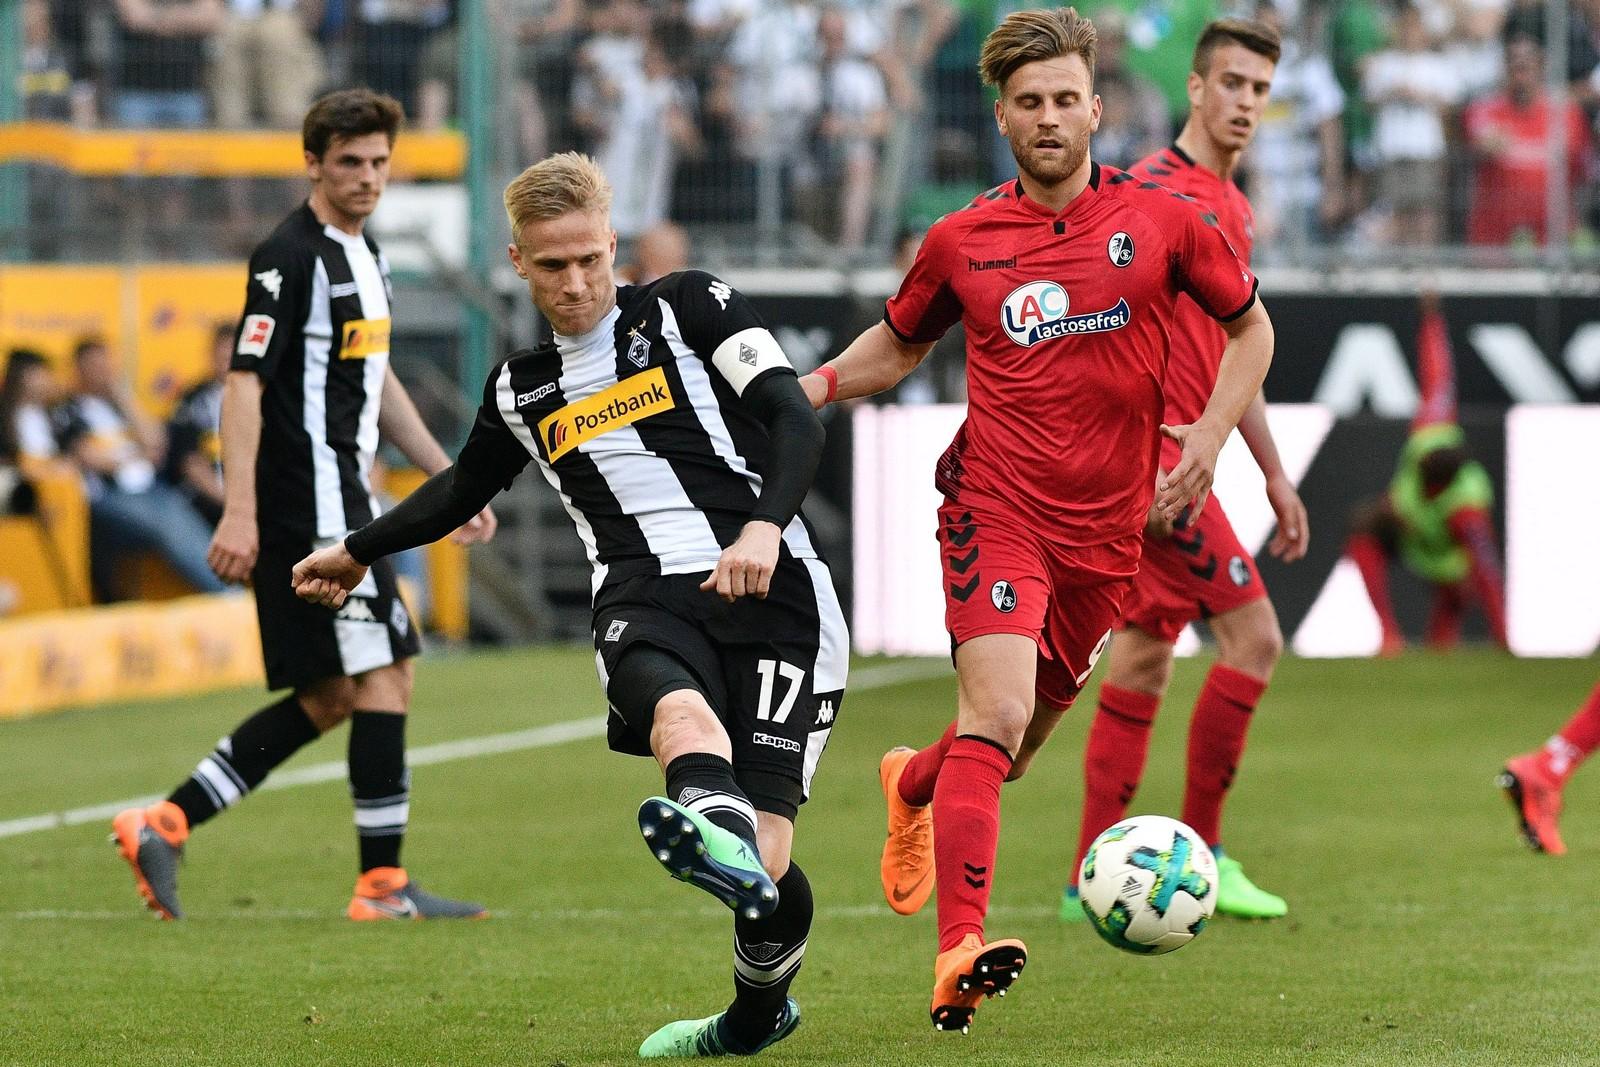 Футбол прогноз на бундеслигу 2 нюрнберг фрайбург